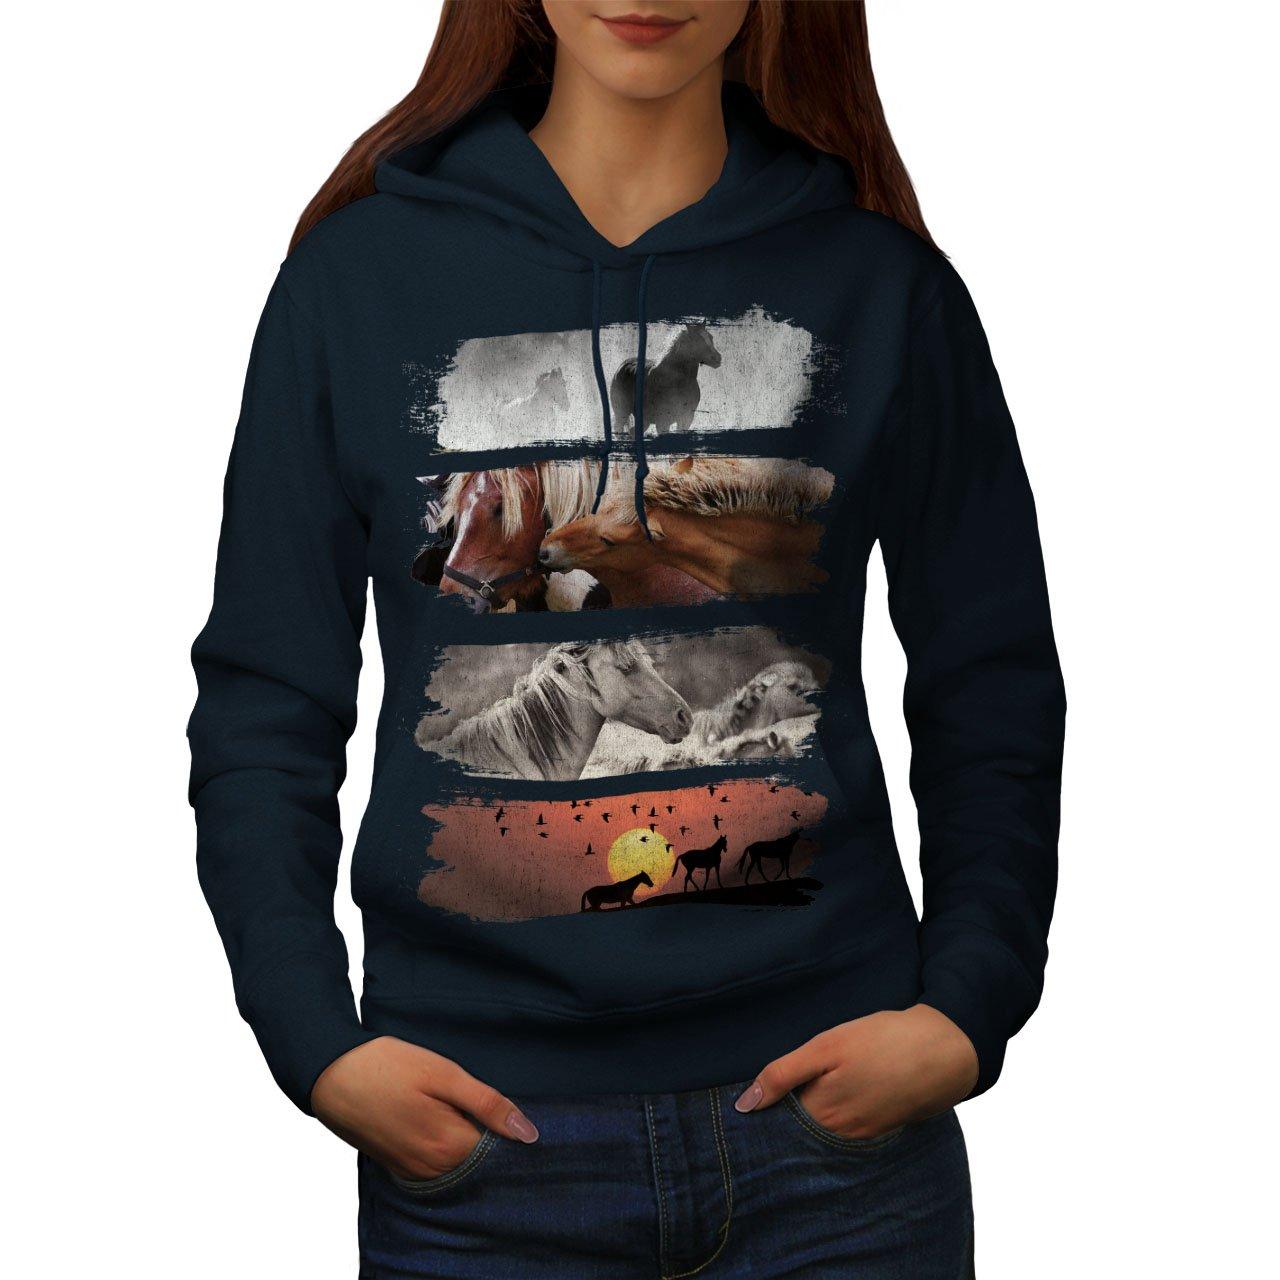 d01f15c8f5581 XIAOMEI Kpop GOT7 Women Round High Neck Pullover Hoodie Sweatshirts ...